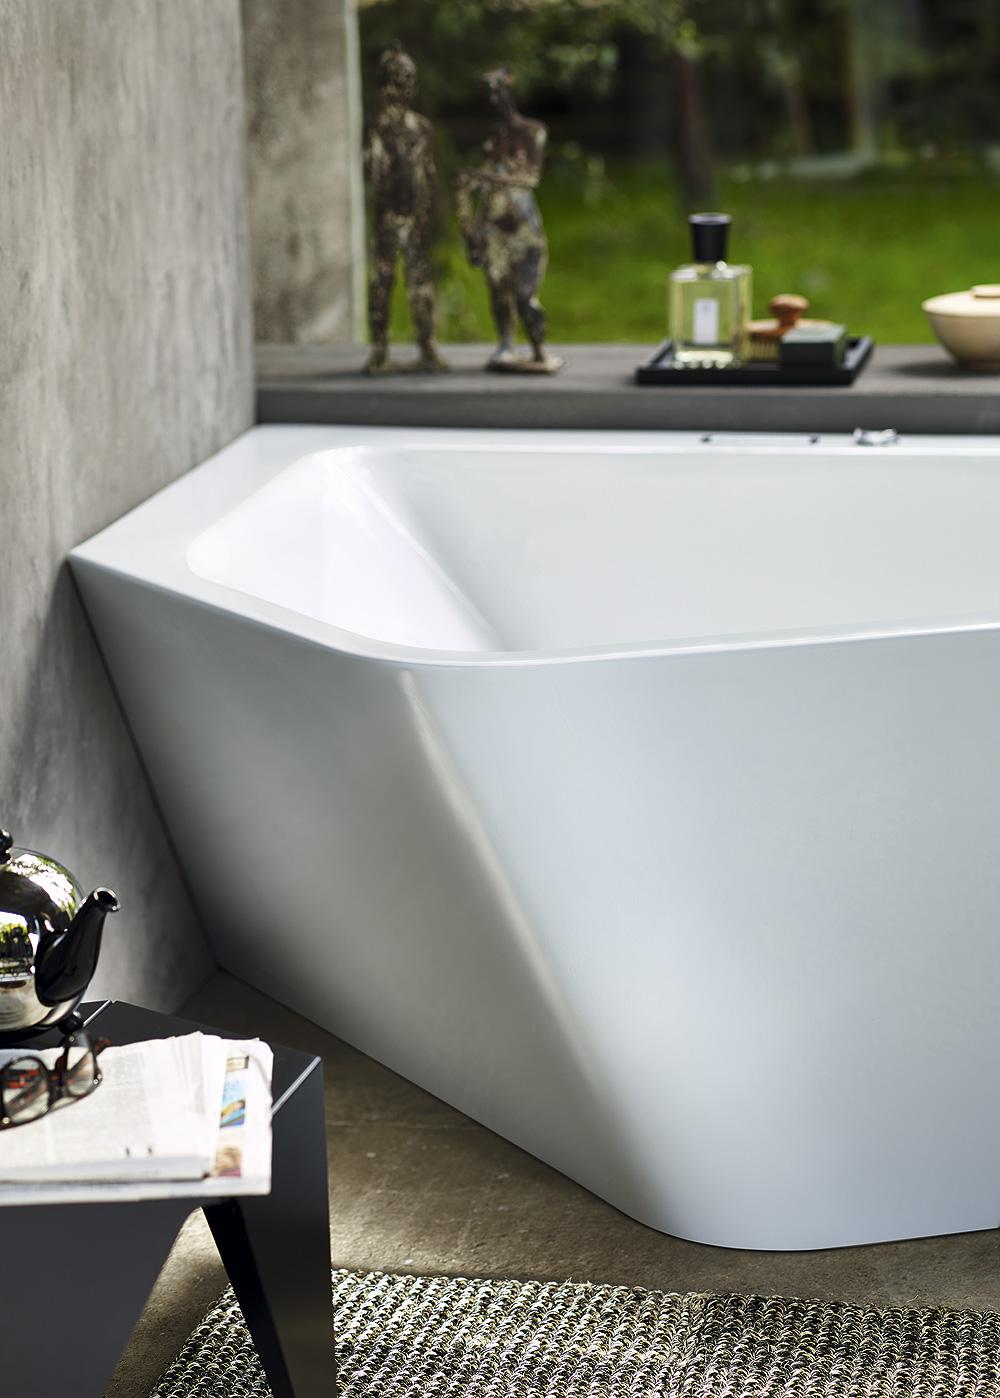 bañera-paiova-eoos-duravit (5)